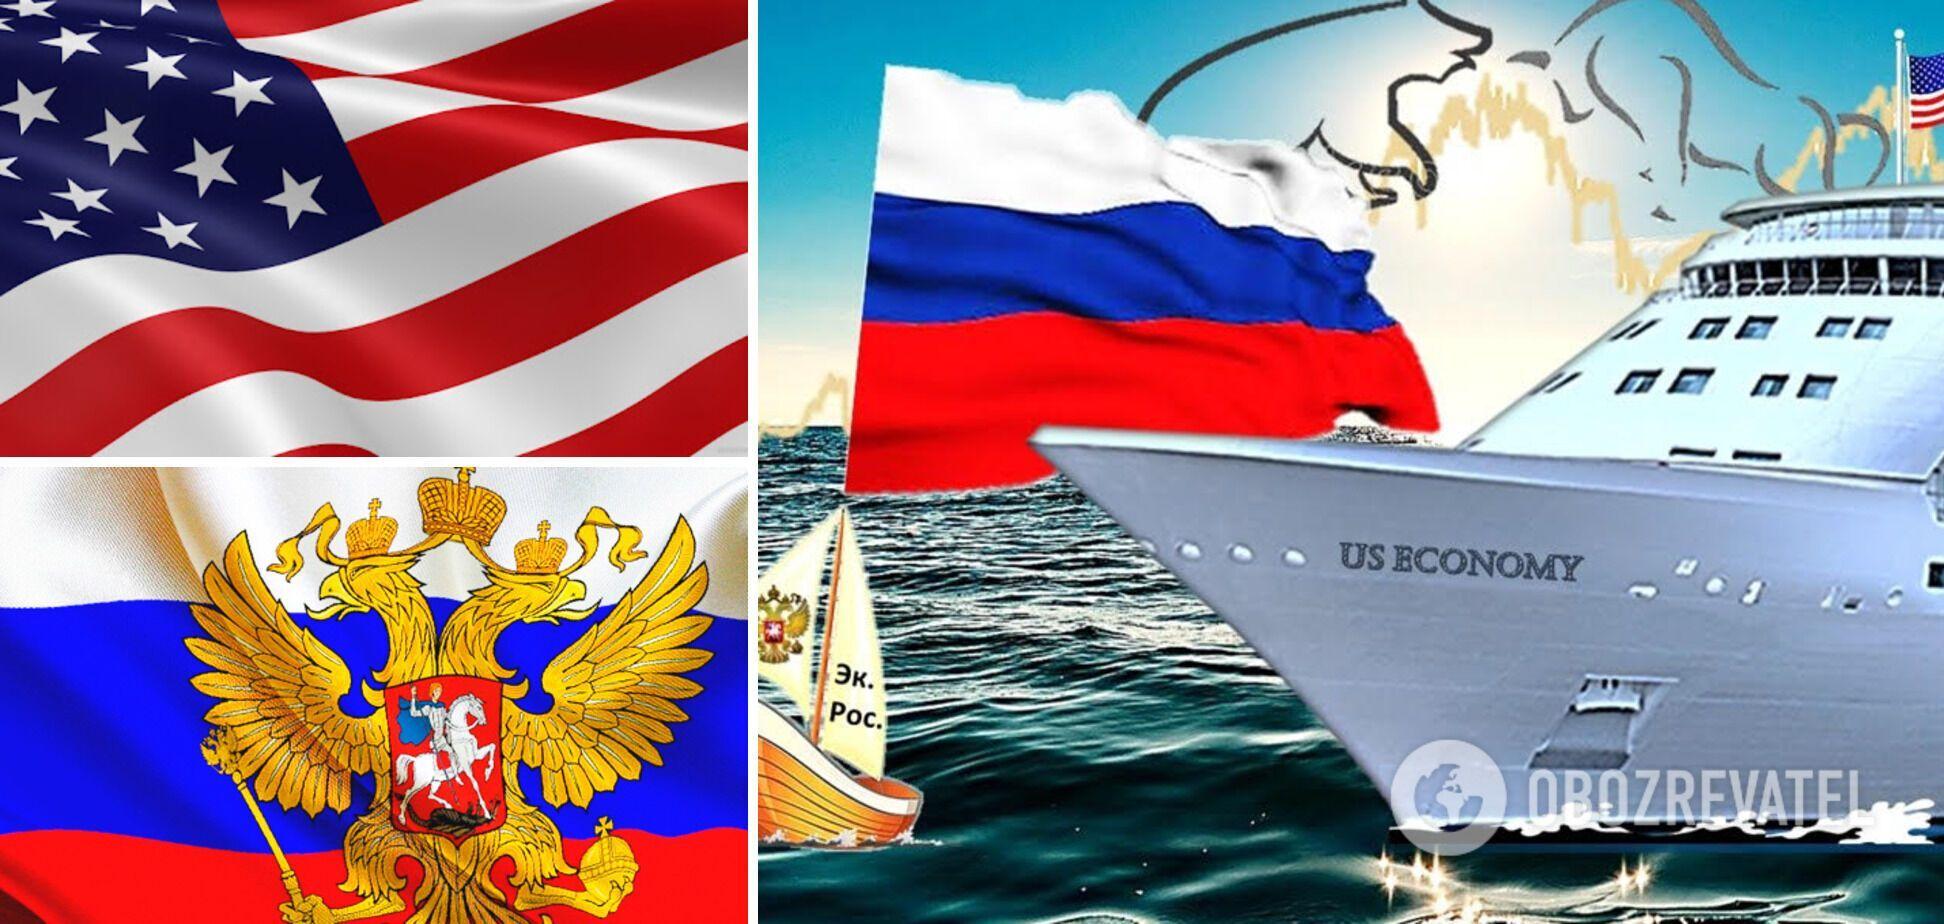 Российская 'бензоколонка' и экономика США: инертная дегенерация против задиристого новаторства